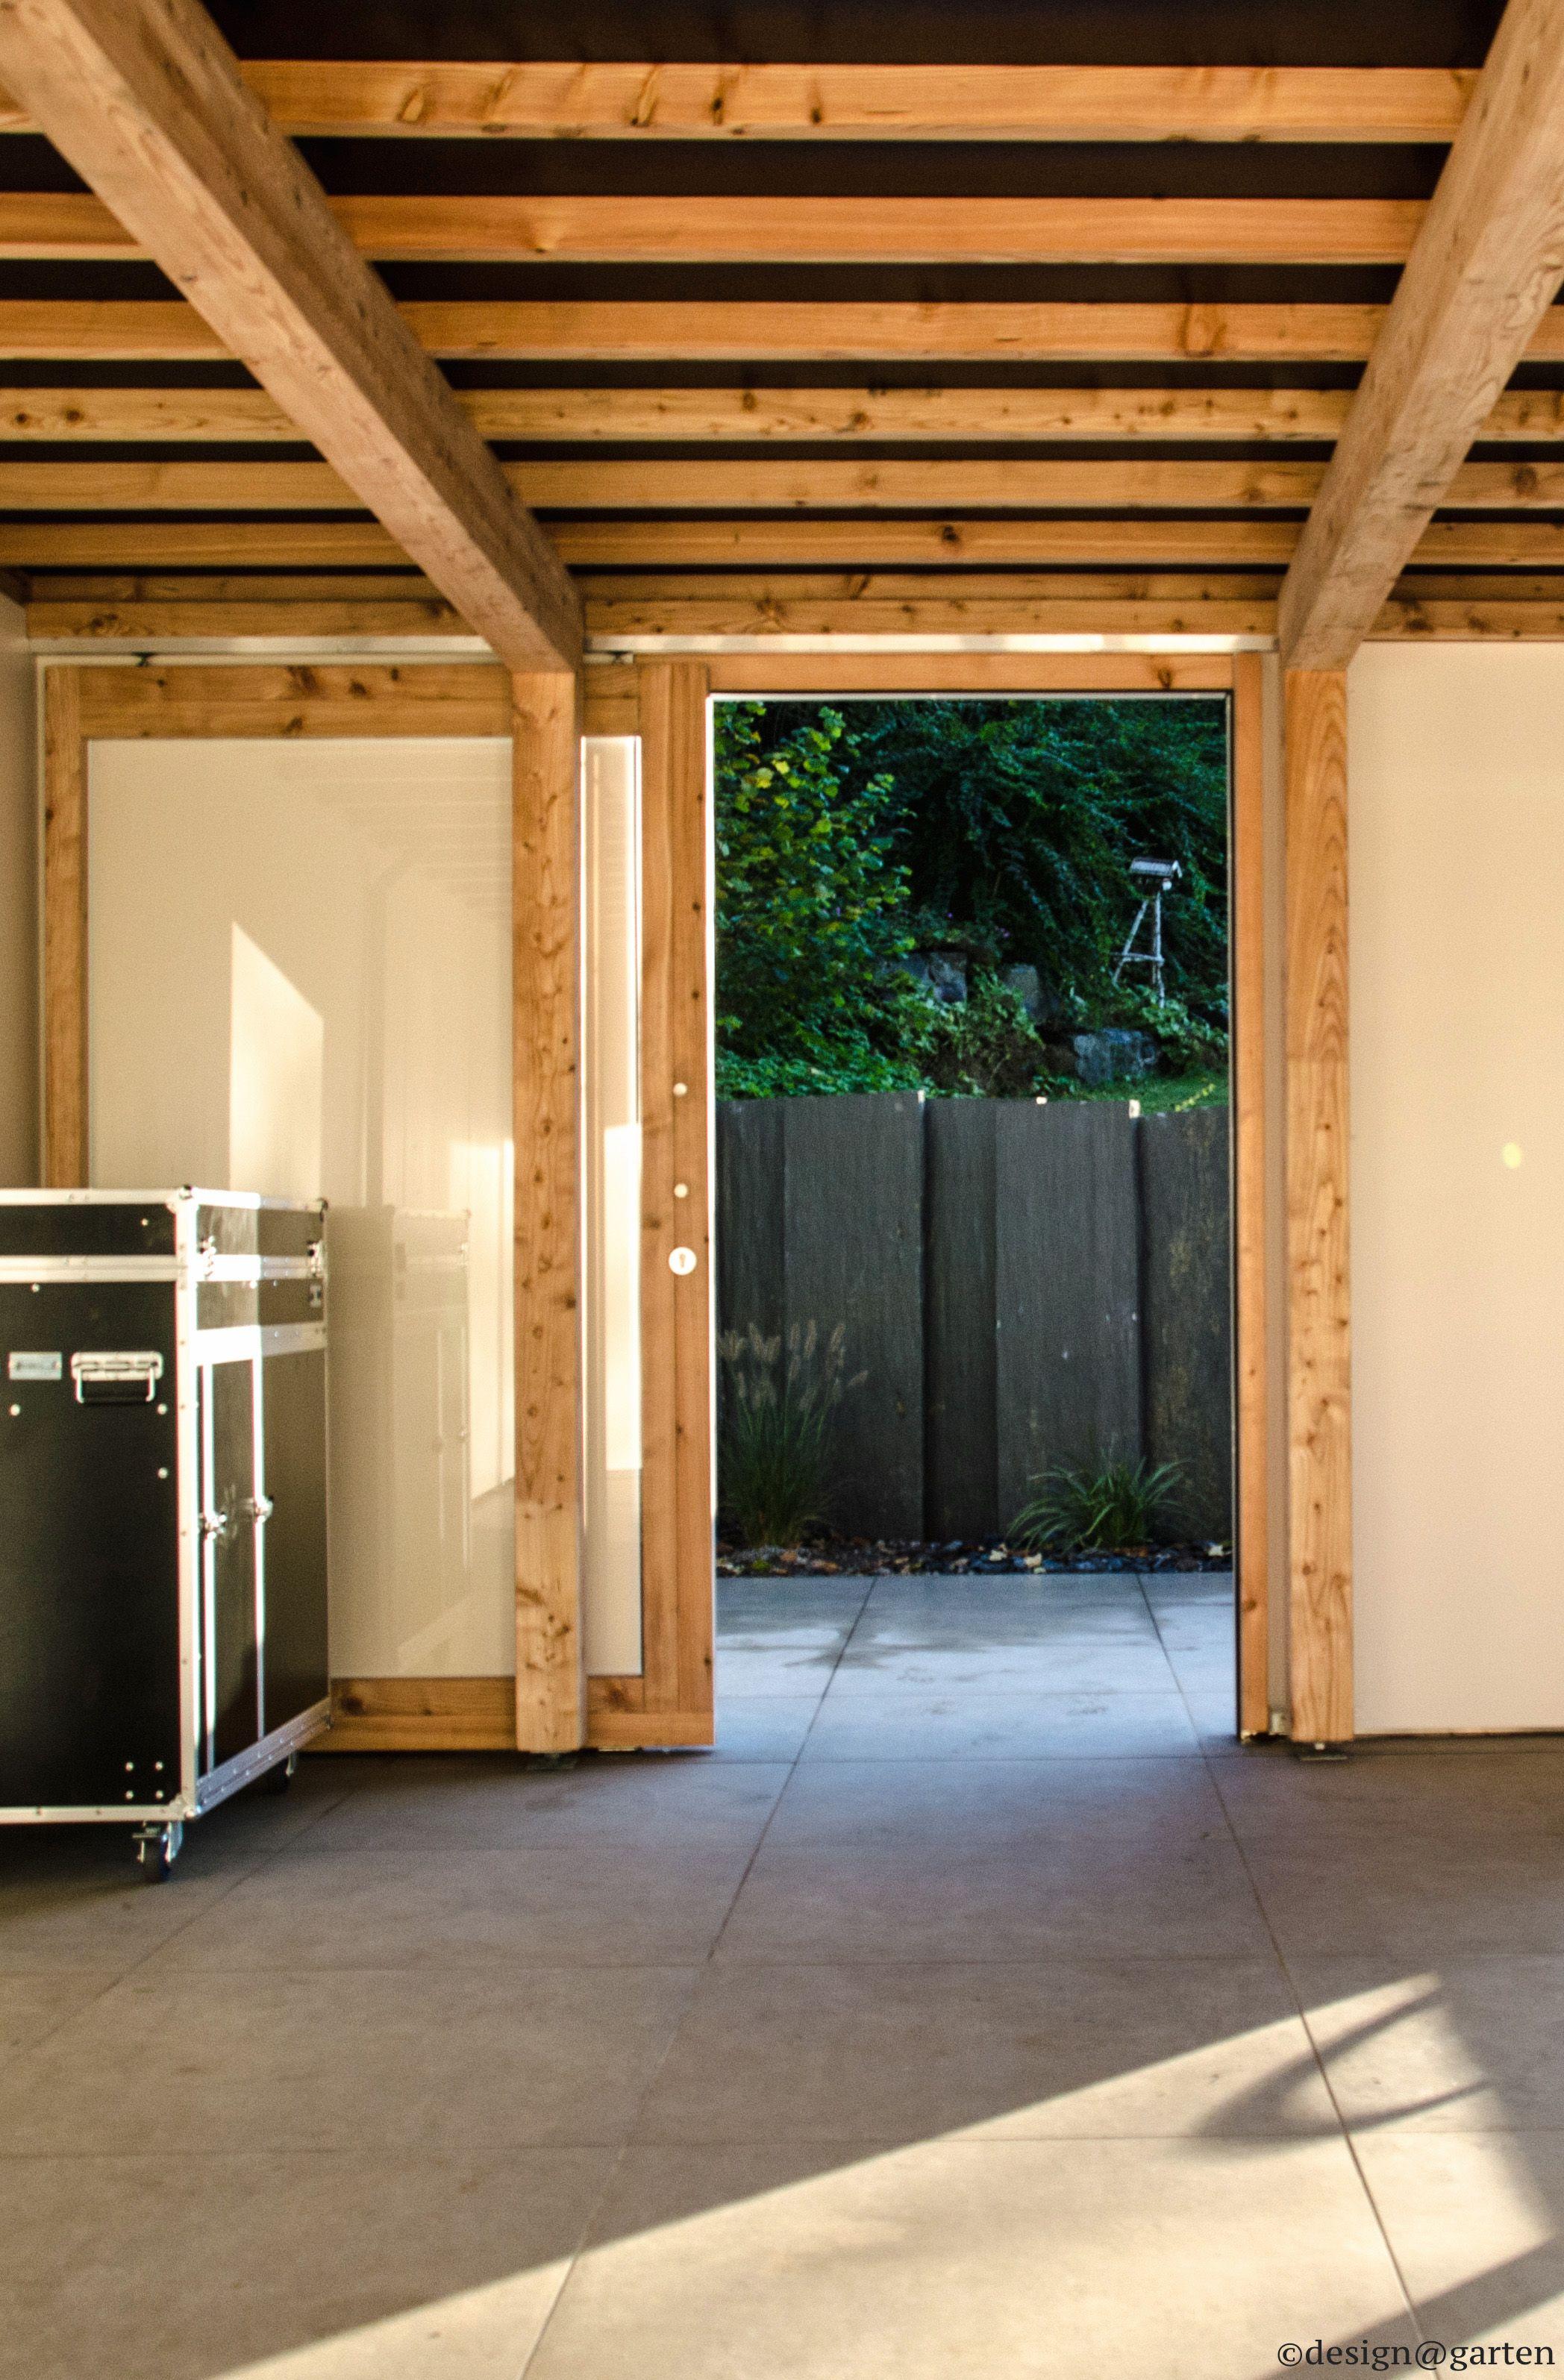 gartenhaus atgart_lounge Outdoorkueche garden shed